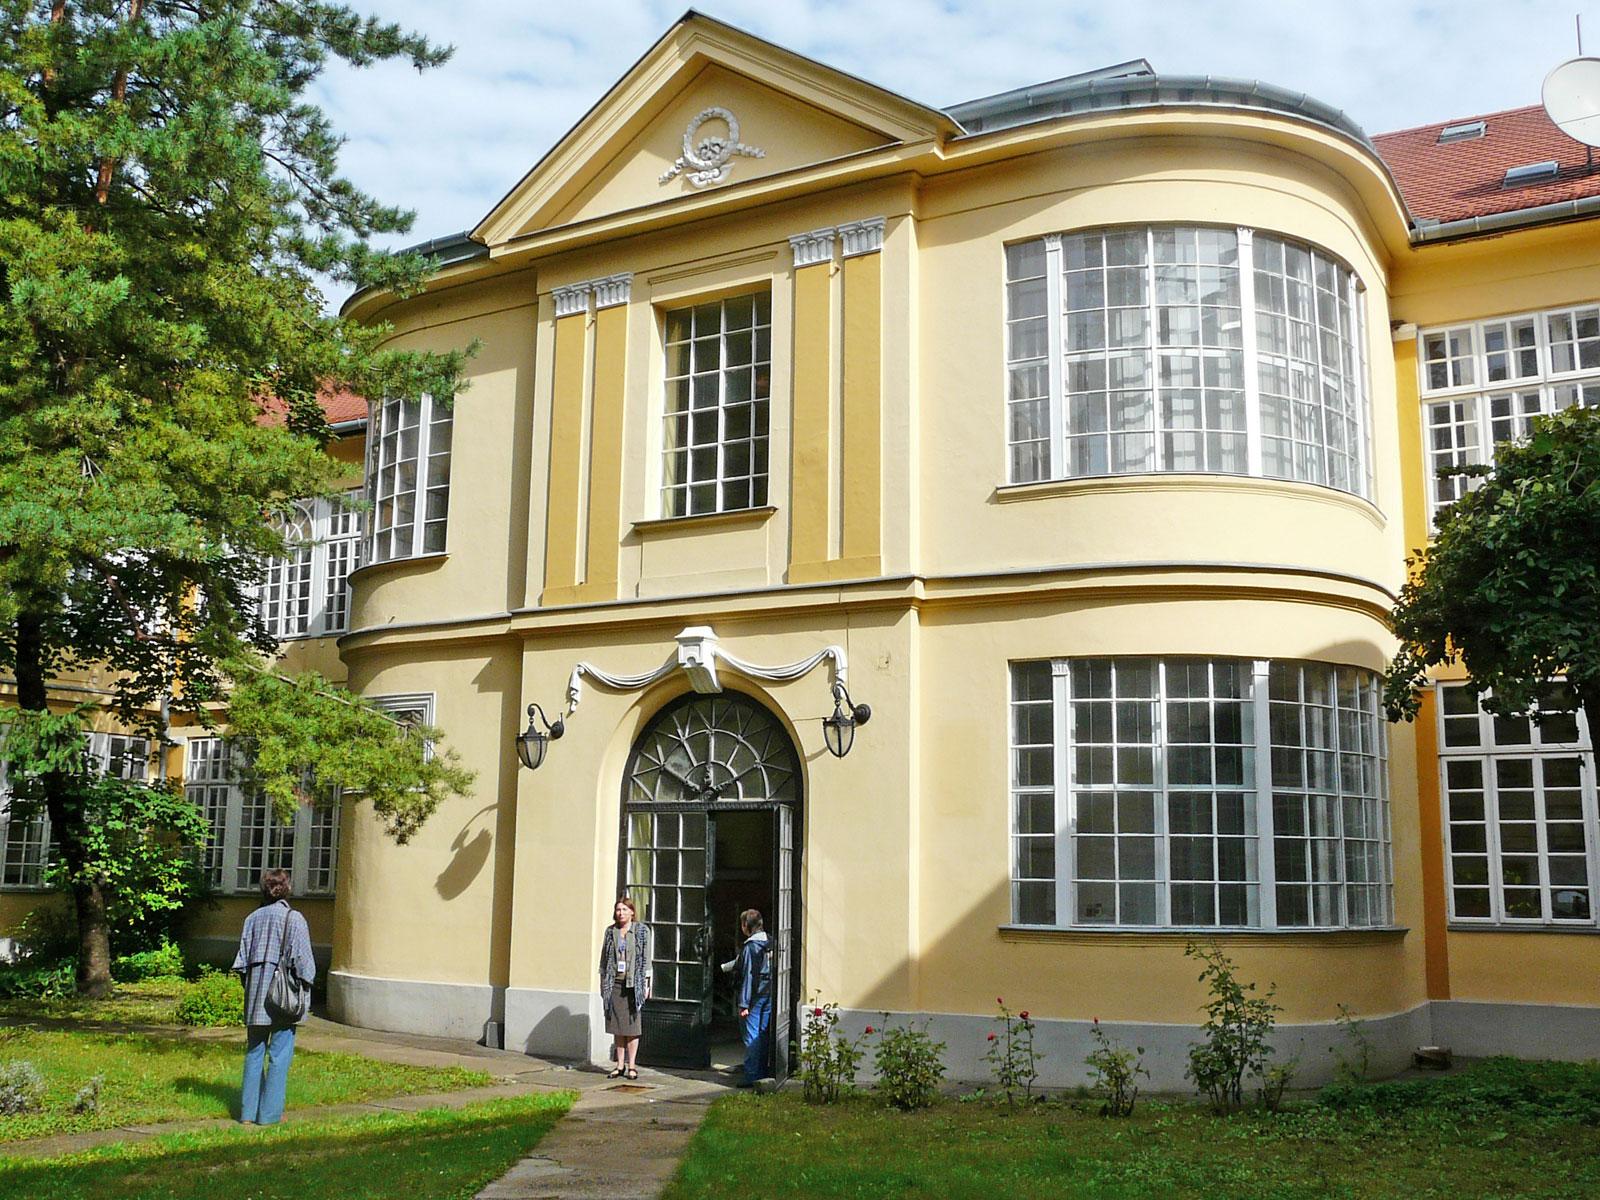 A Színháztörténeti Múzeum és Intézetet is vidékre költöztetné a kormány